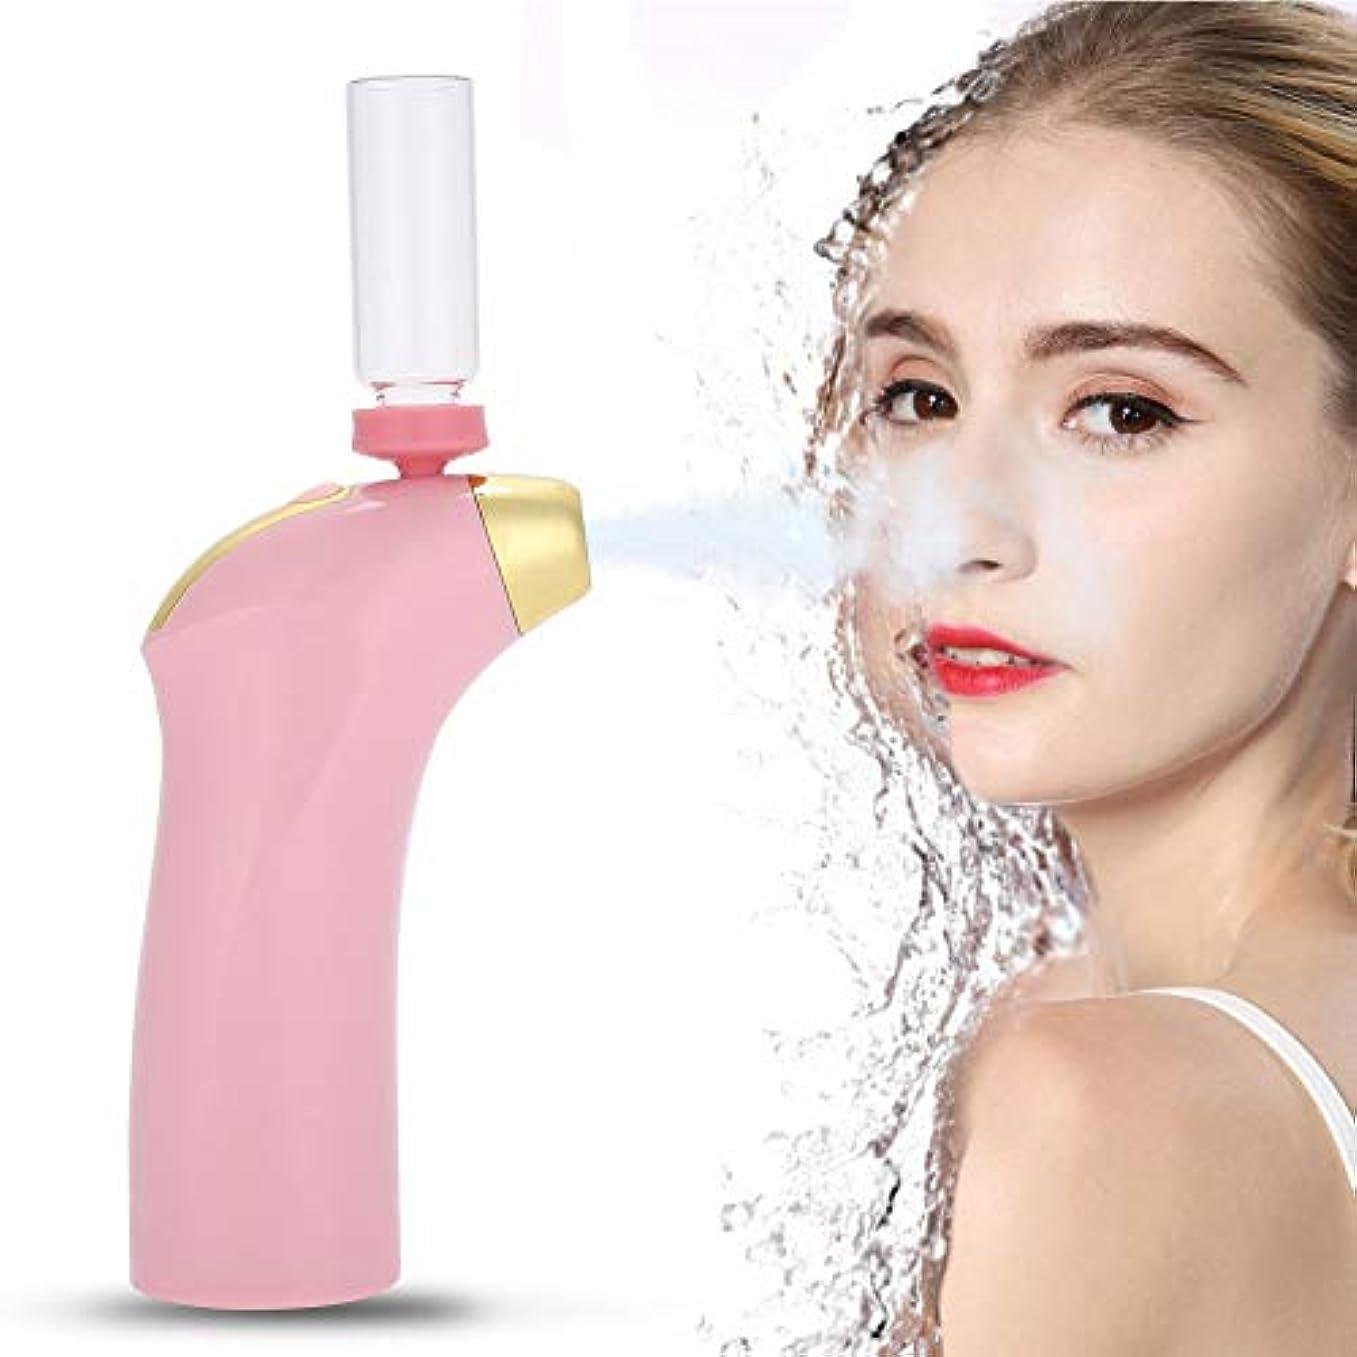 シンク半導体びっくりする専門の酸素の注入のスプレーガン - 顔の皮の若返りの美機械、顔の美の器械、引き締まる皮は、肌の色合い、色素形成を改善します